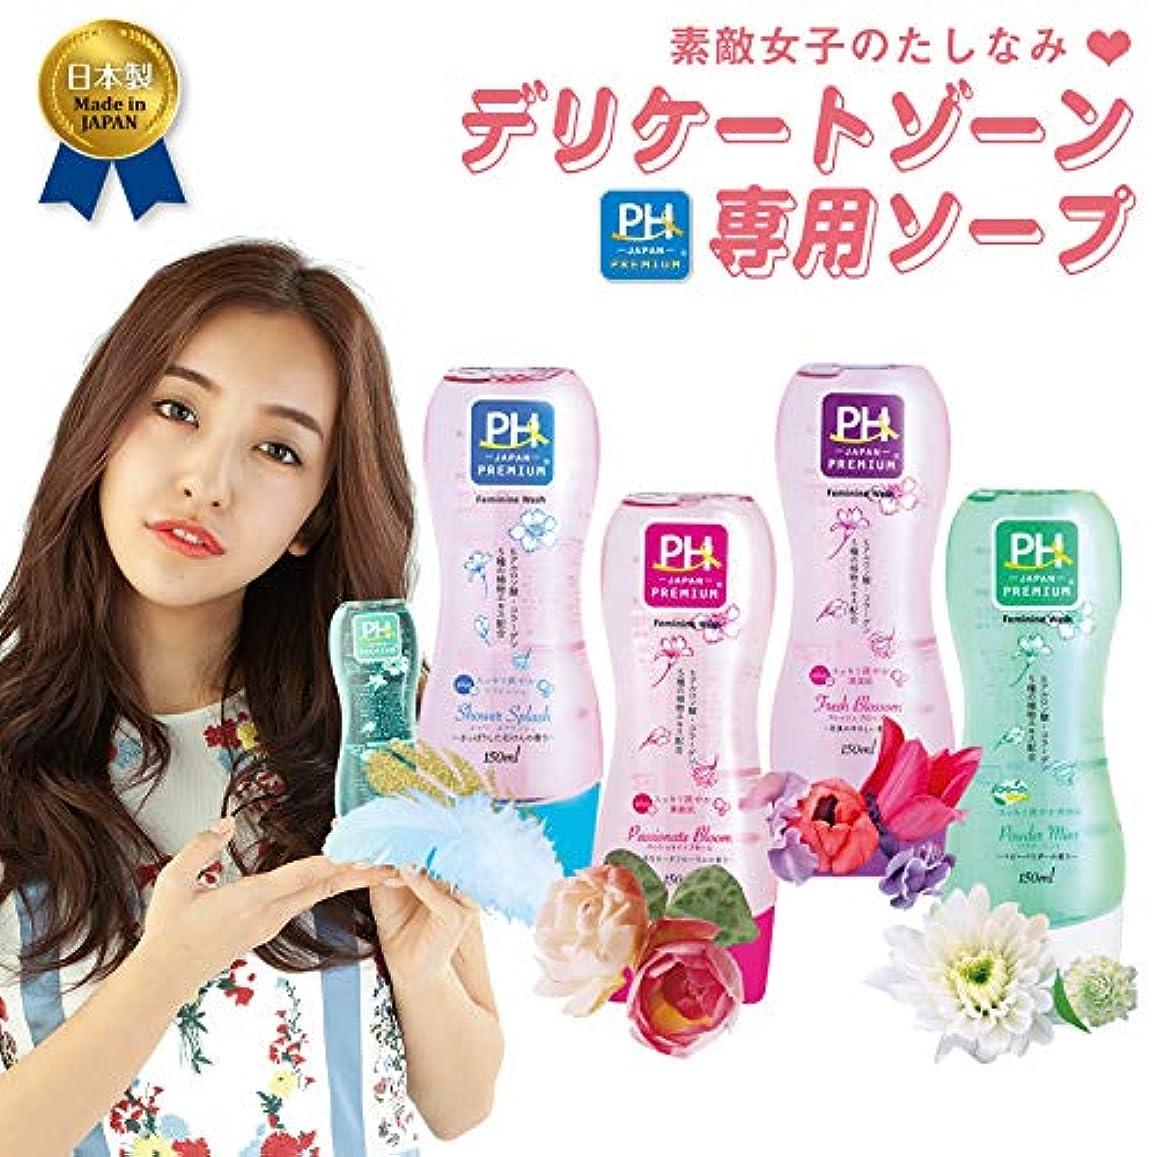 島手綱コショウフレッシュブロッソム2本セット PH JAPAN フェミニンウォッシュ 花束のやさしい香り